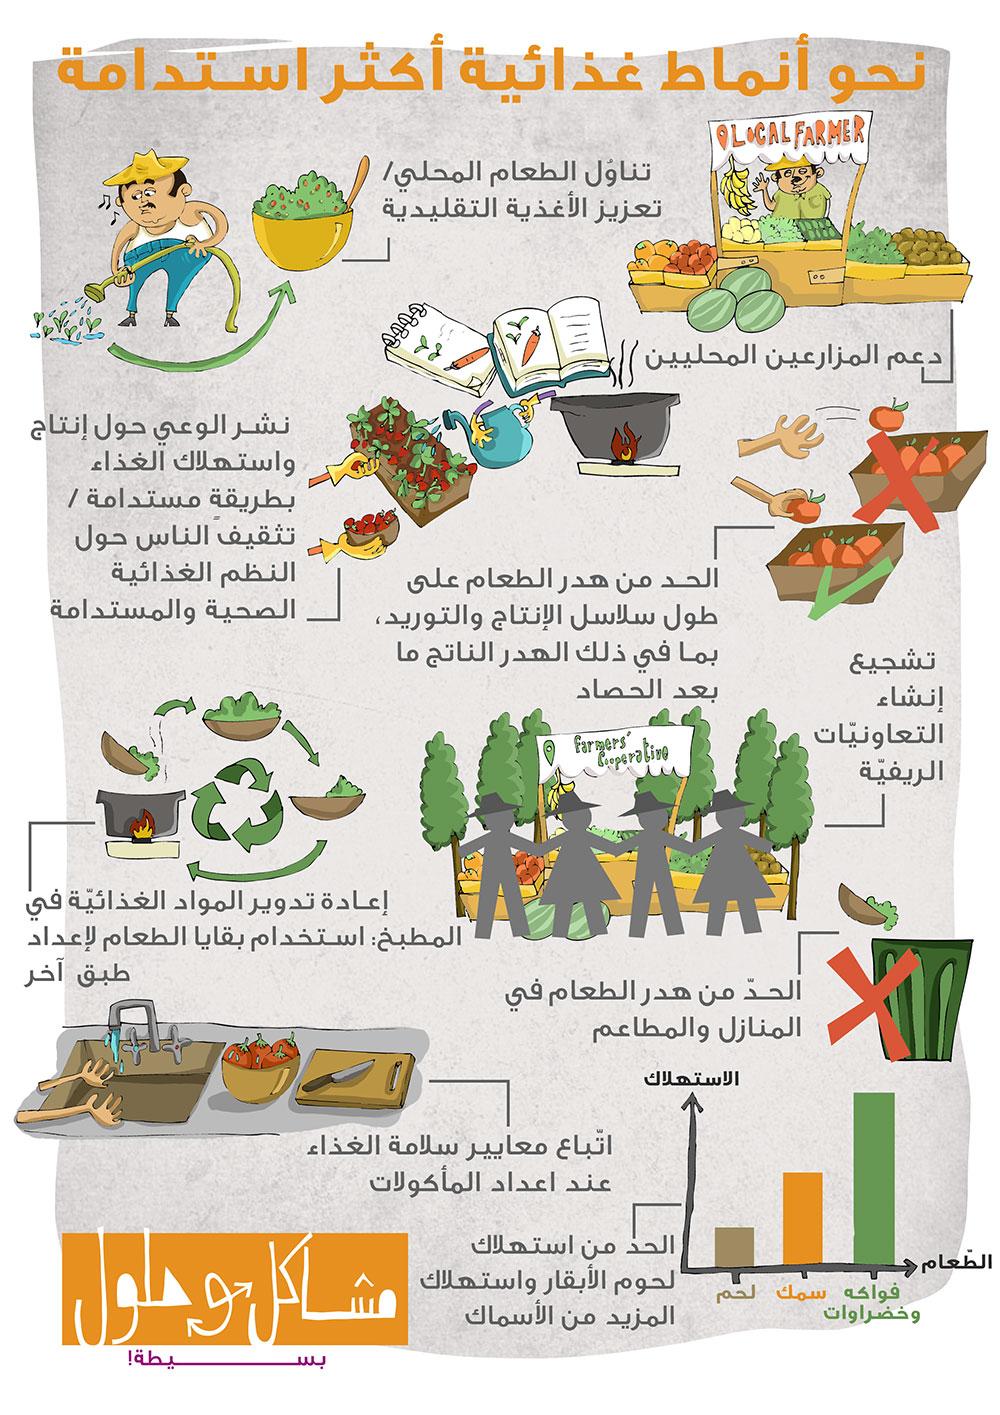 دعونا نحافظ على تراثنا الغذائي